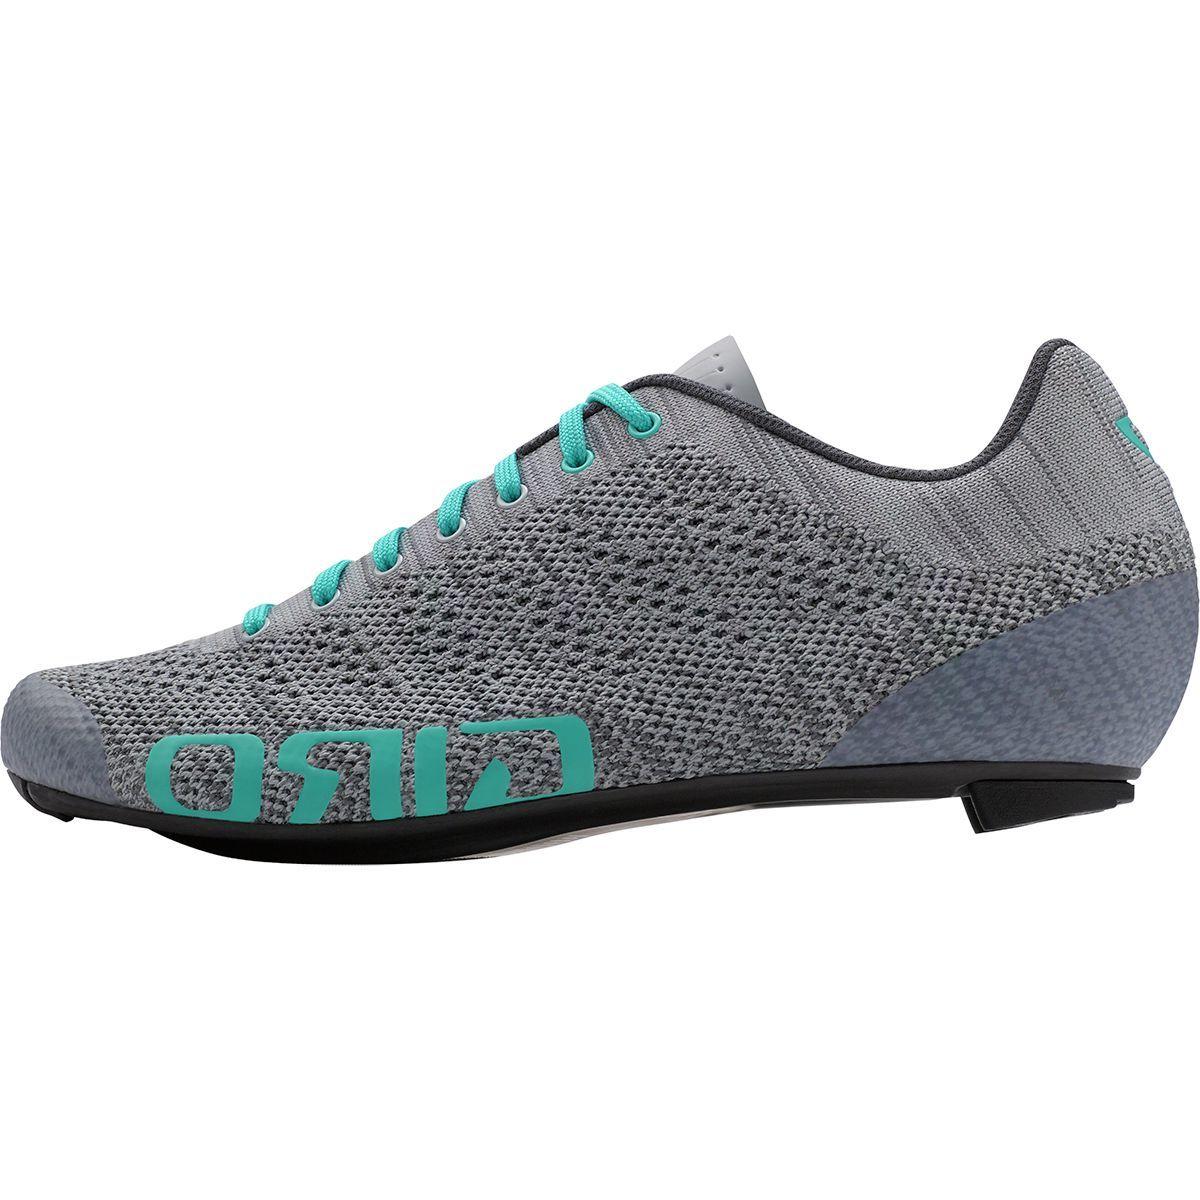 Giro Empire E70 Knit Cycling Shoe - Women's